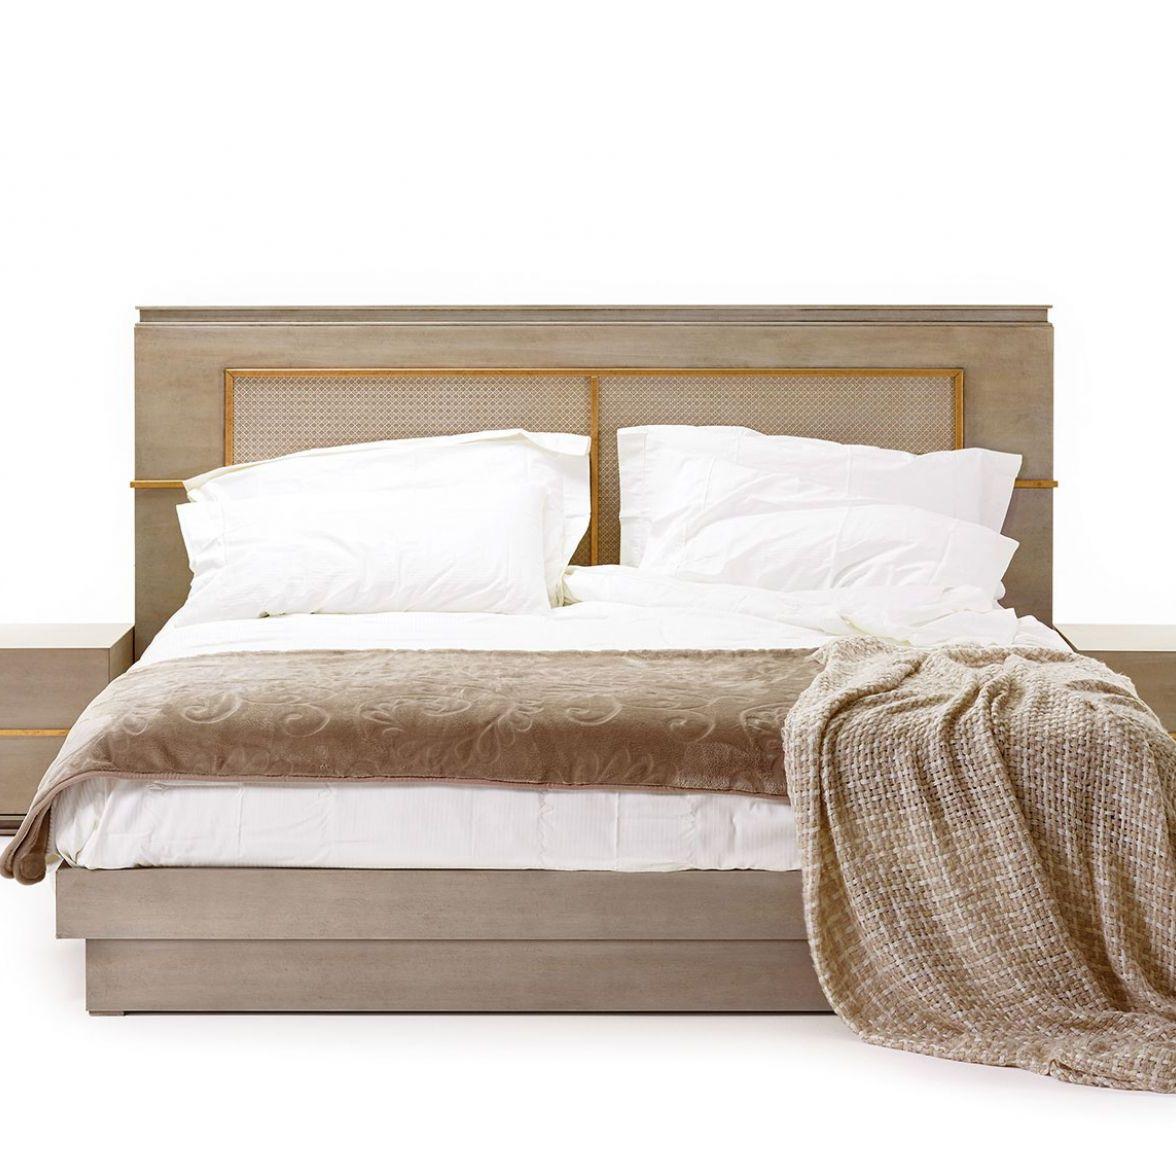 Intrecci bed